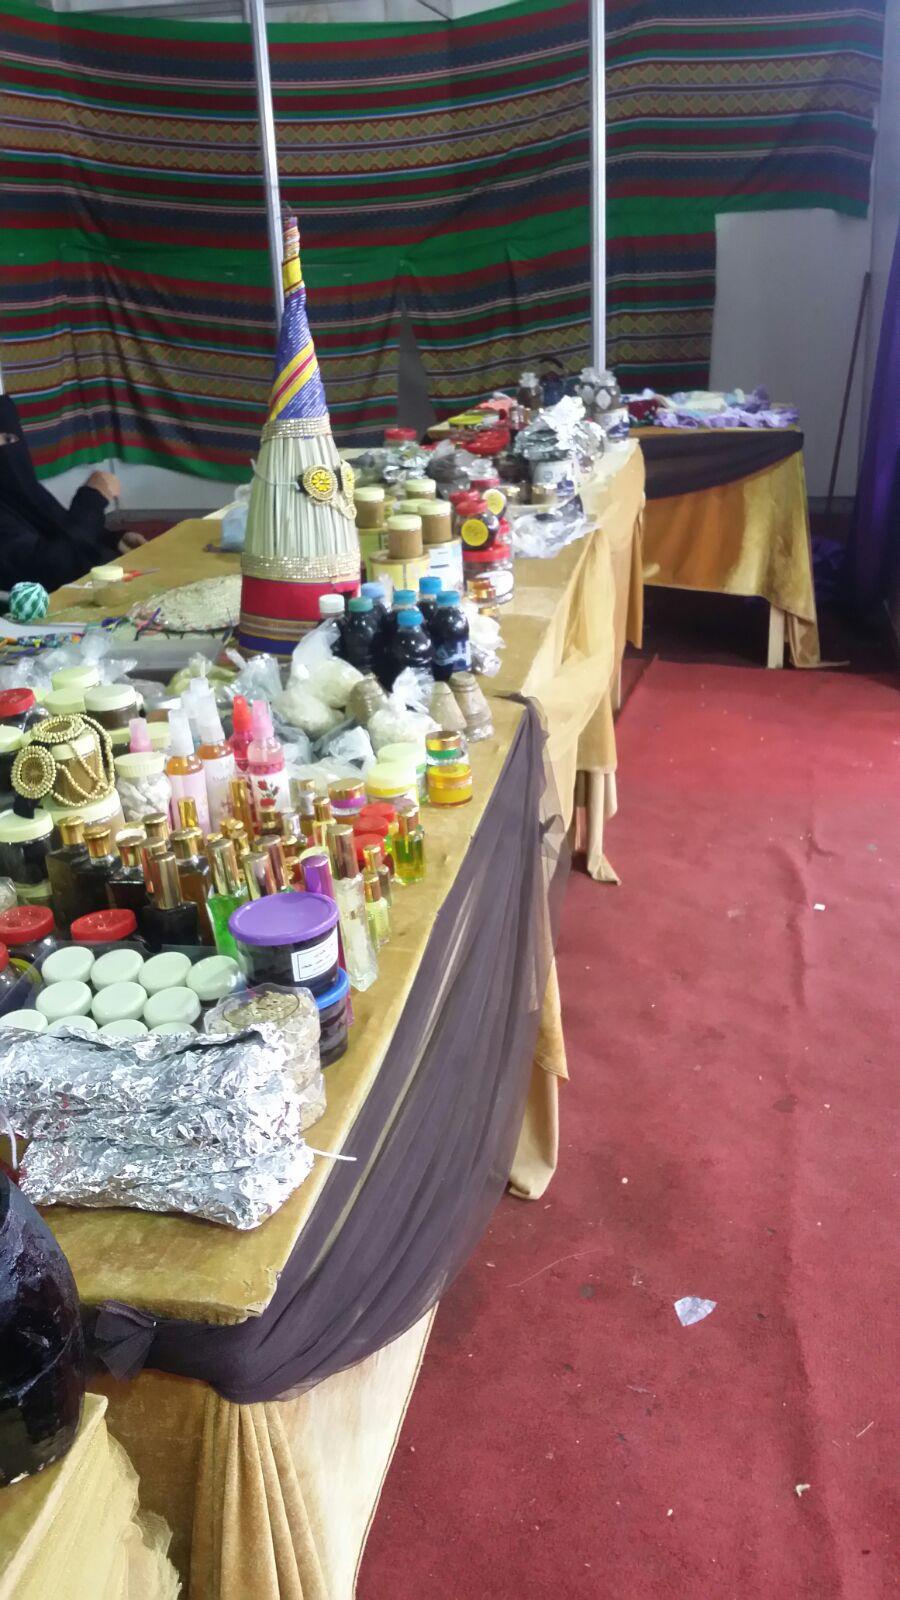 بالصور ..بر المسارحة تدعم الأسر المنتجة في المهرجان الترفيهي بأحد المسارحة ولاء وعهد2